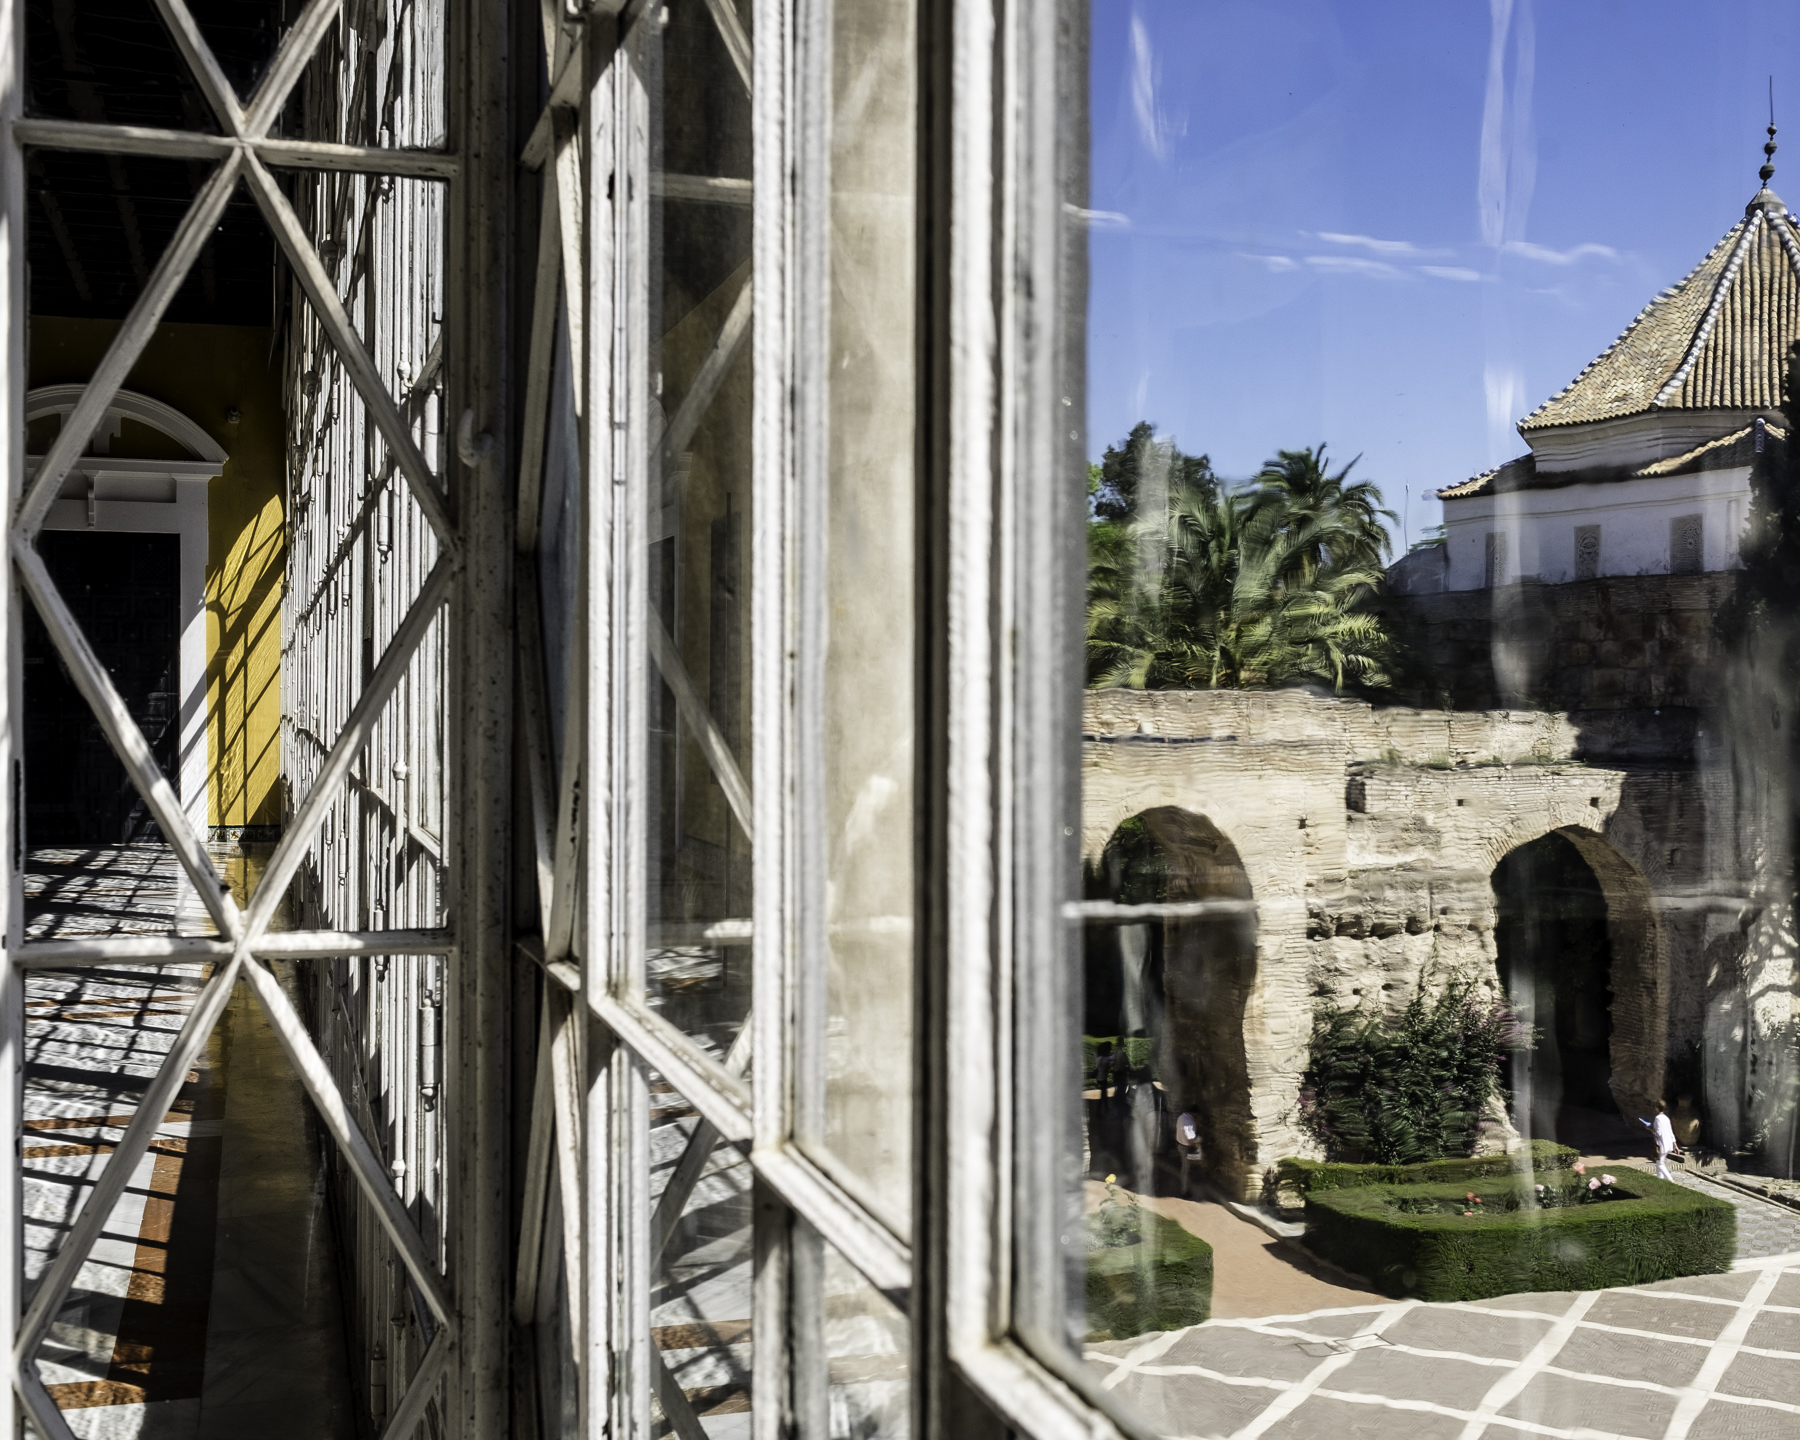 Window, Sevilla